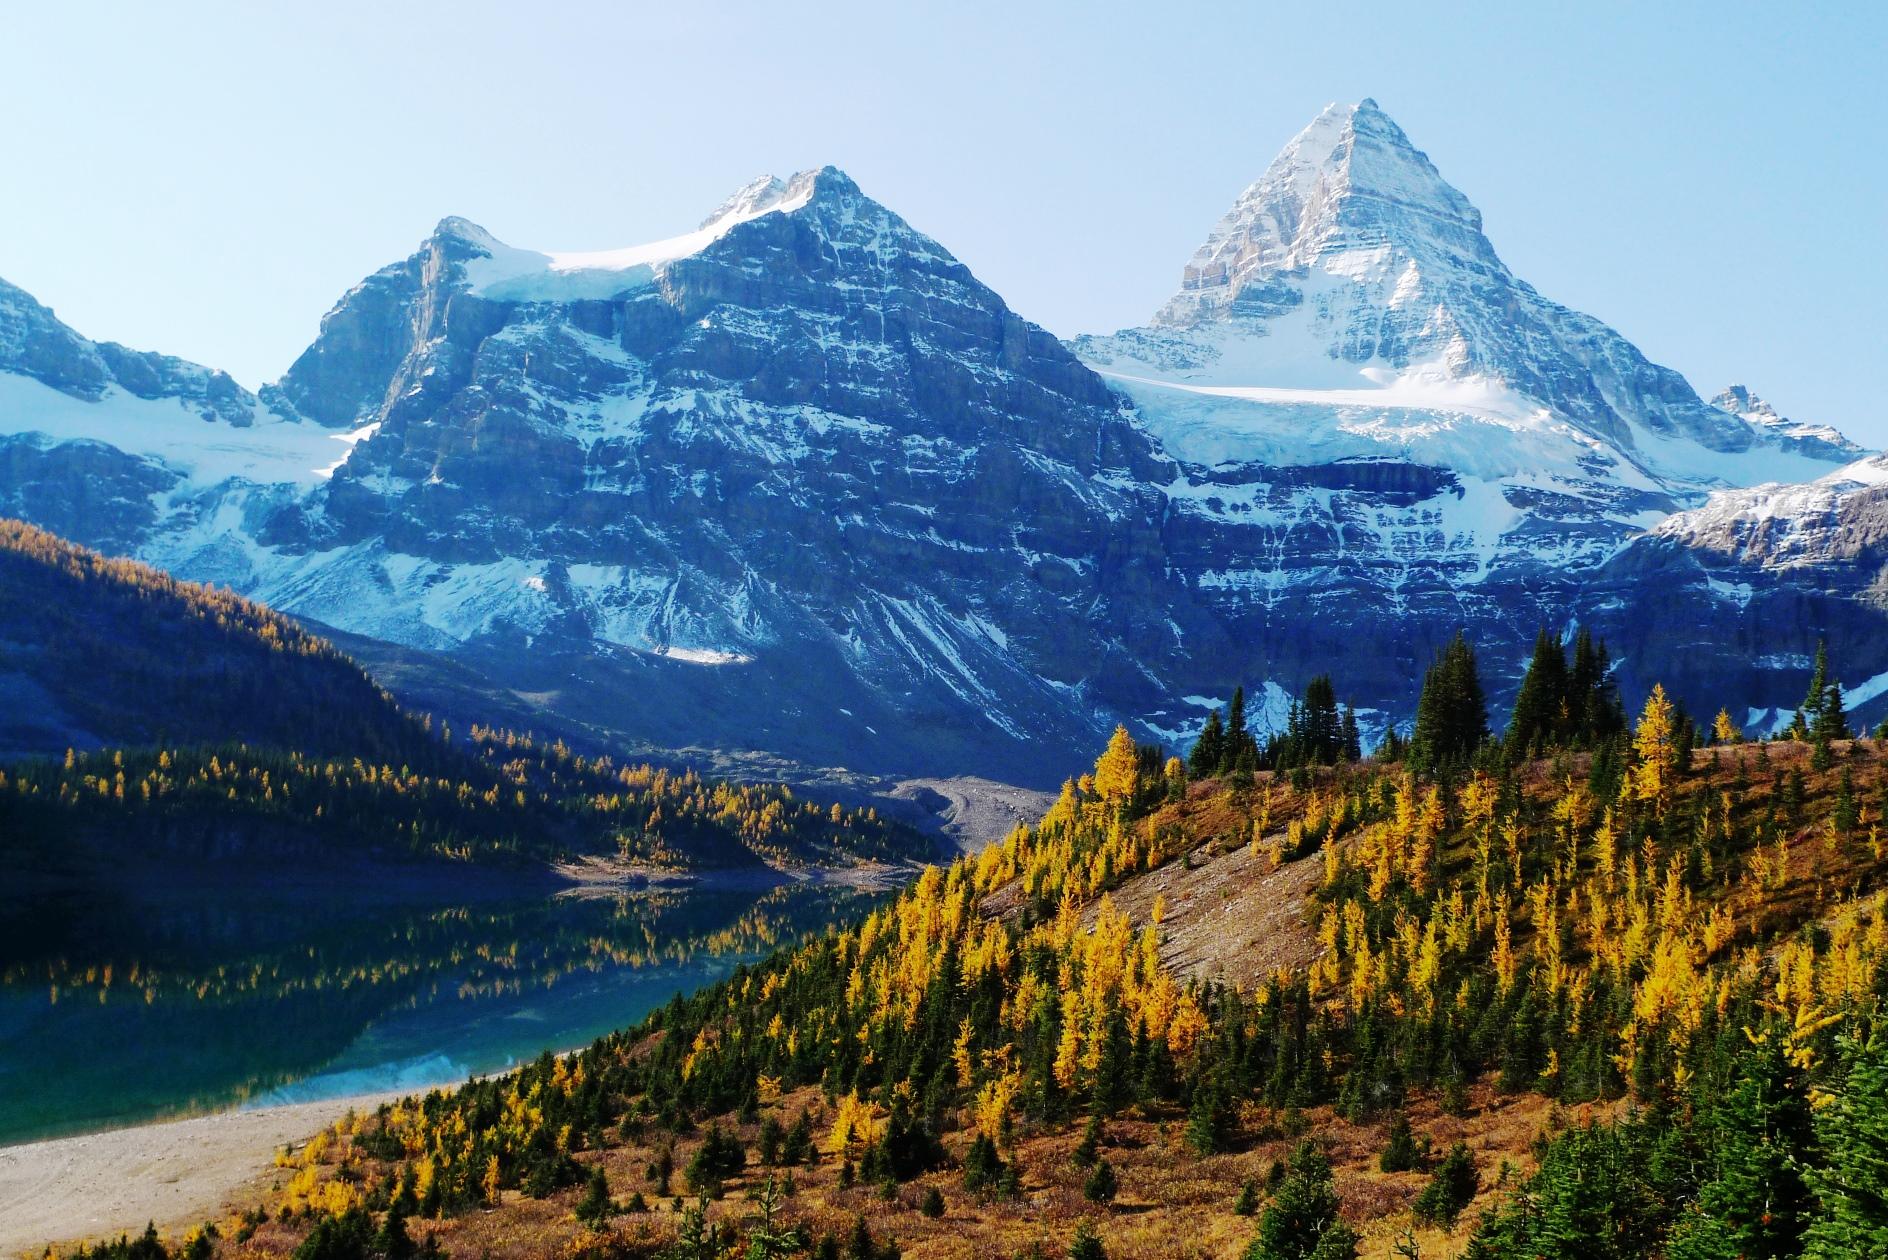 ロッキー屈指の人気を誇るアシニボイン山麓は秋になるとカラマツの黄葉で彩られる